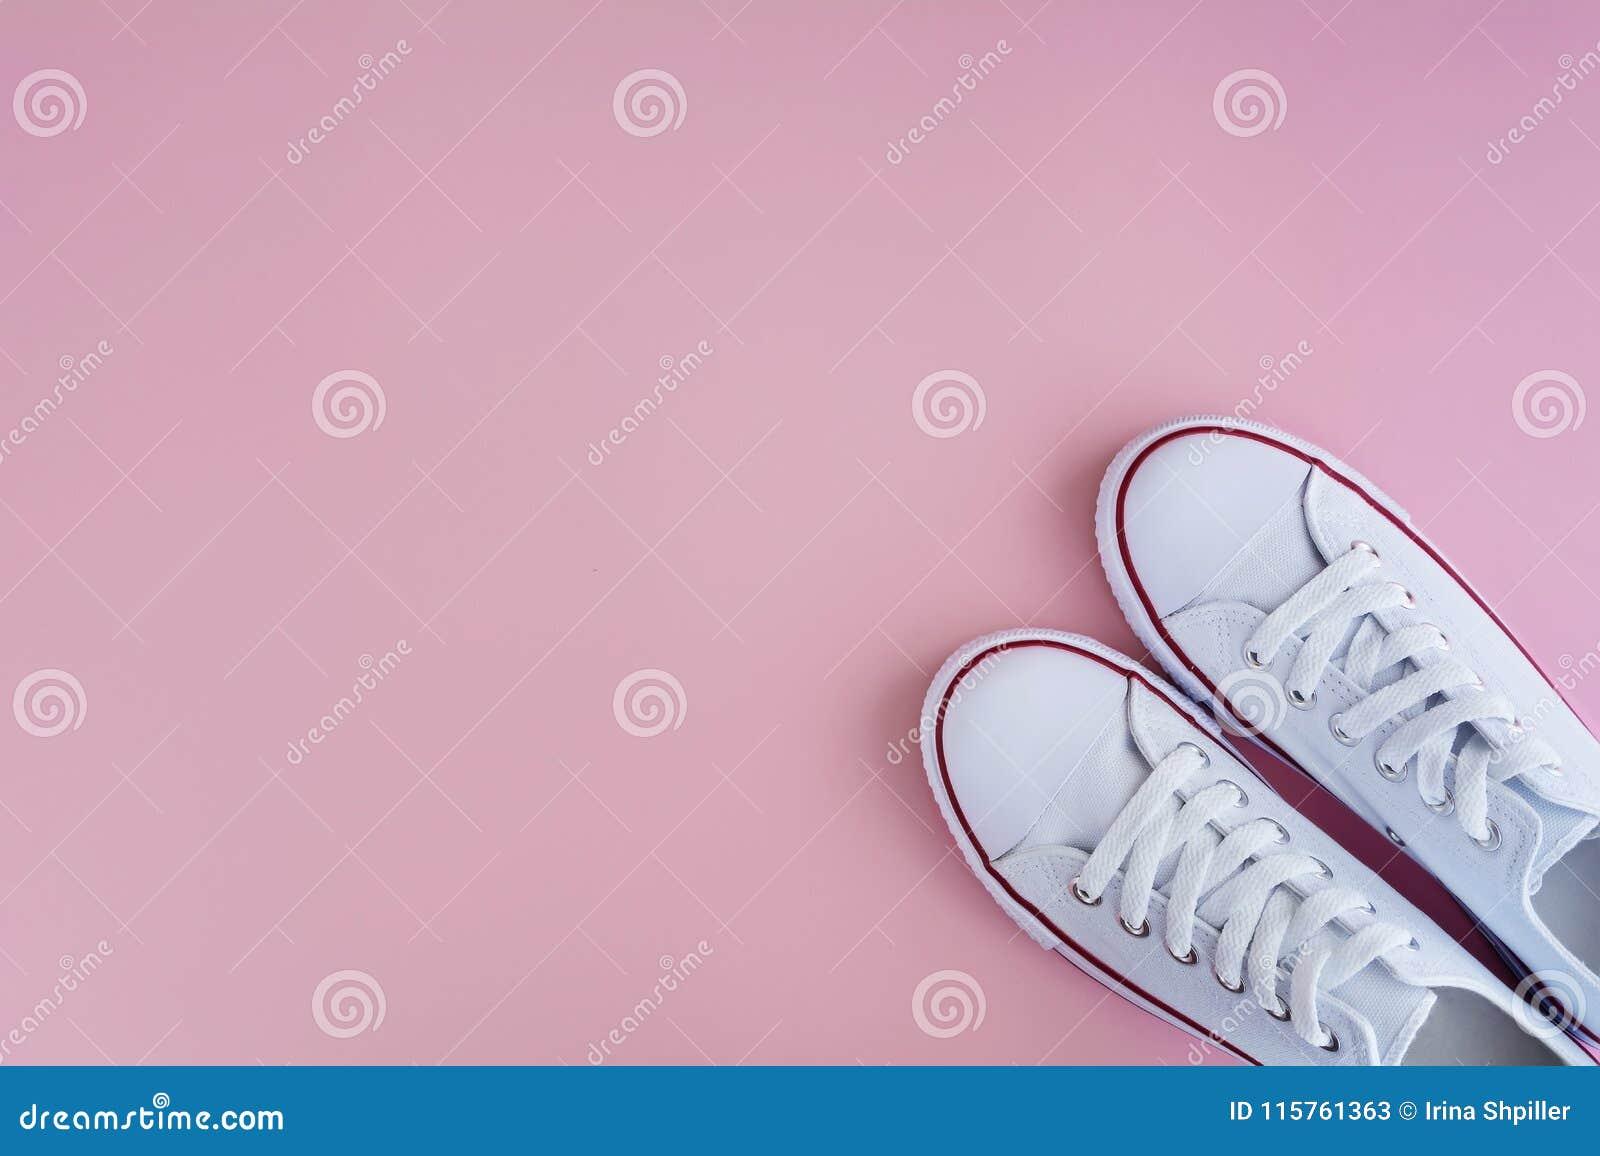 Weiße sneackers auf rosa Hintergrund